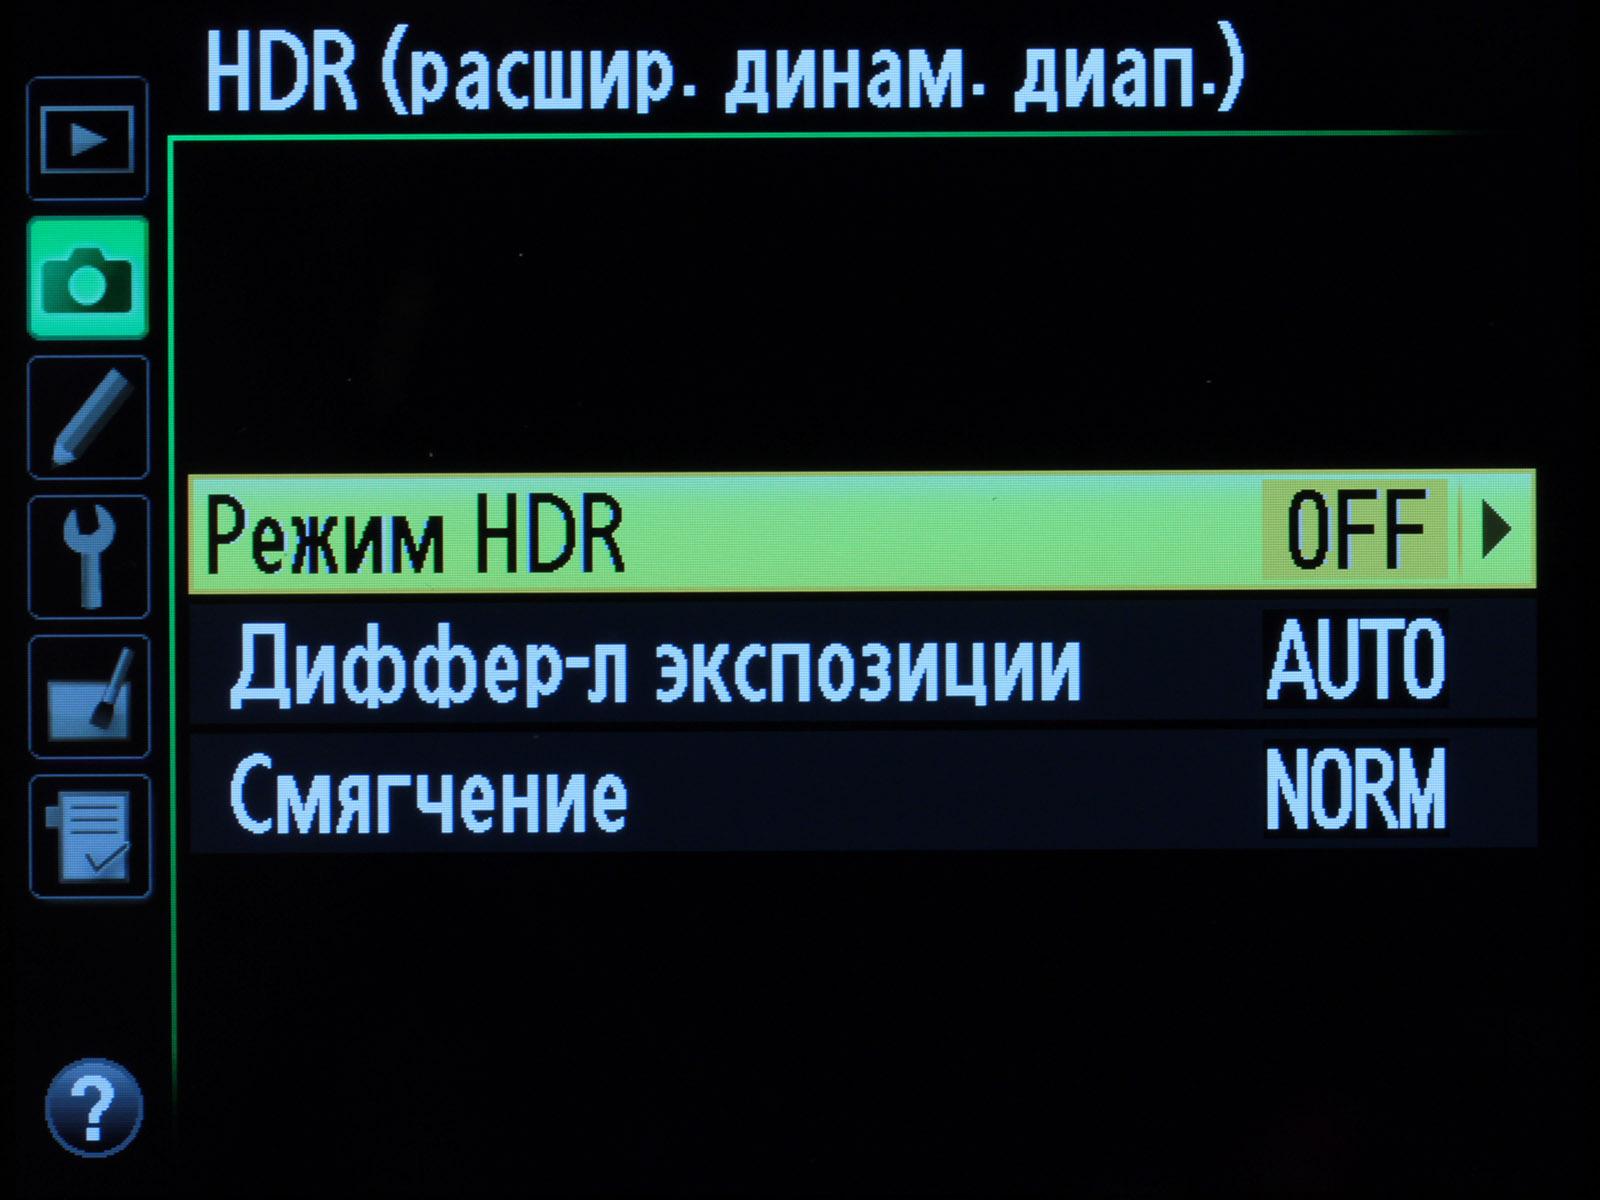 HDR технология: что такое hdr в камере телефона и в телевизоре